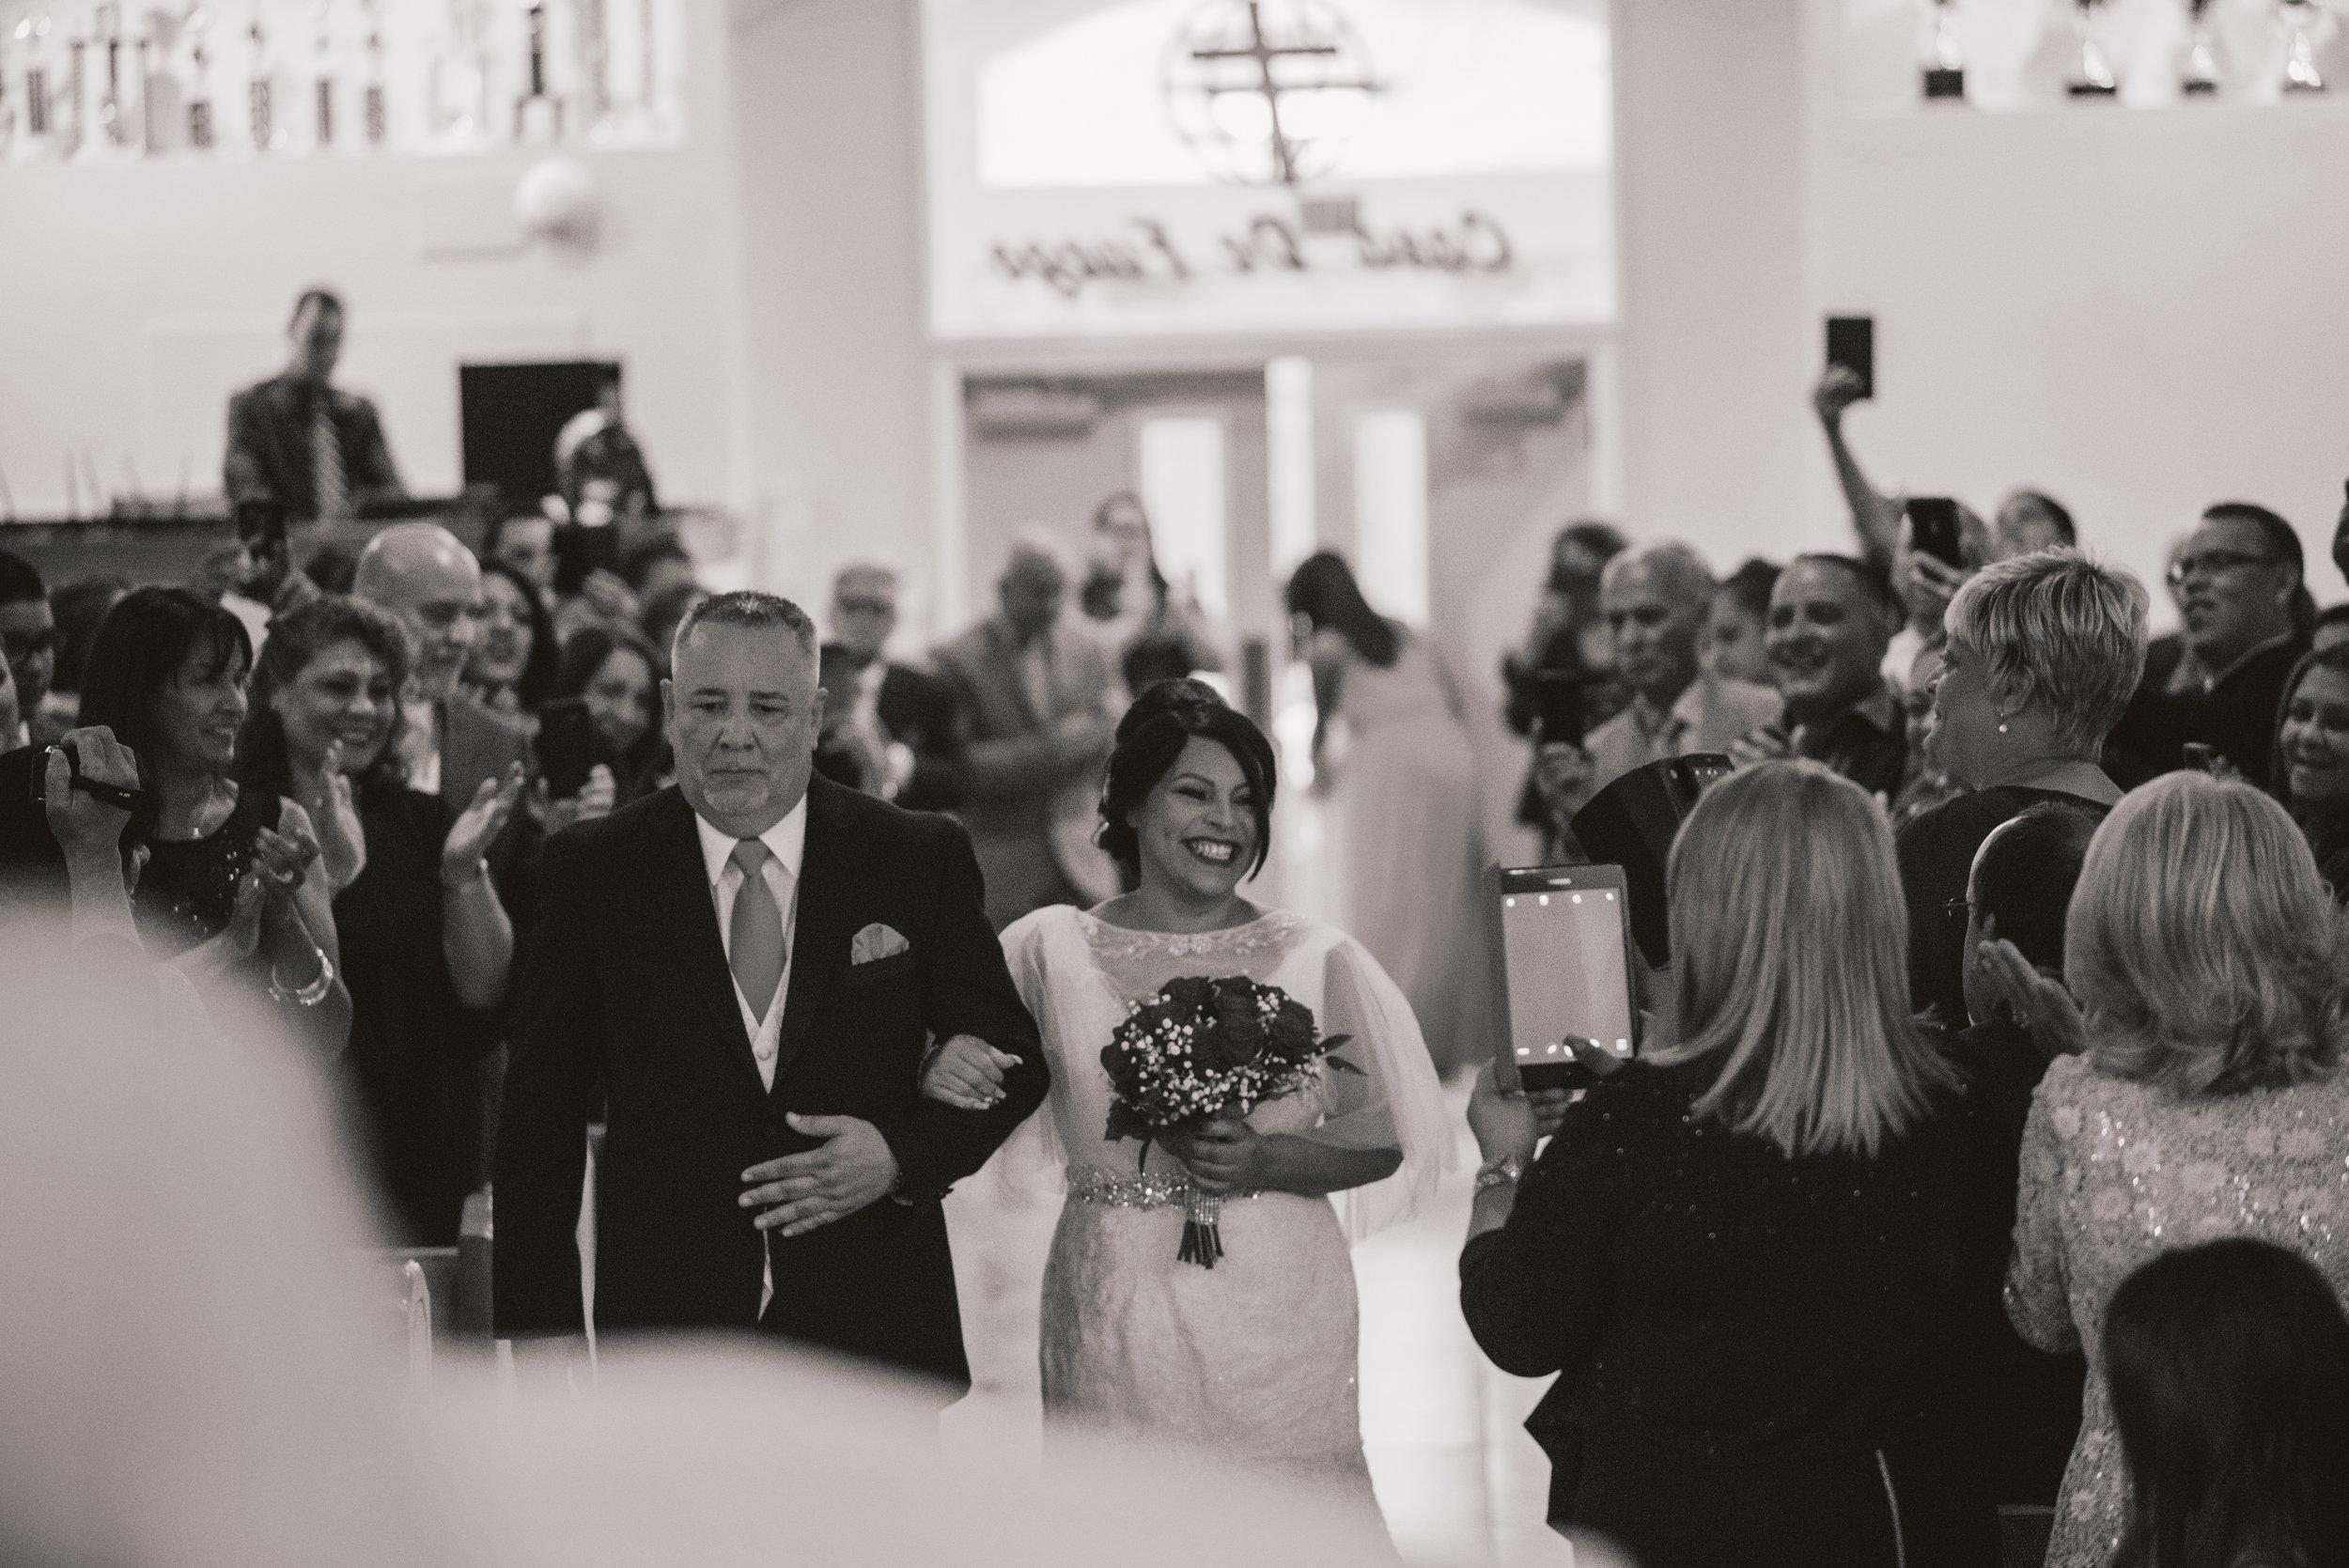 Los-Vargas-Photo-Wedding-Vow-Renewal-Central-Florida-72.jpg